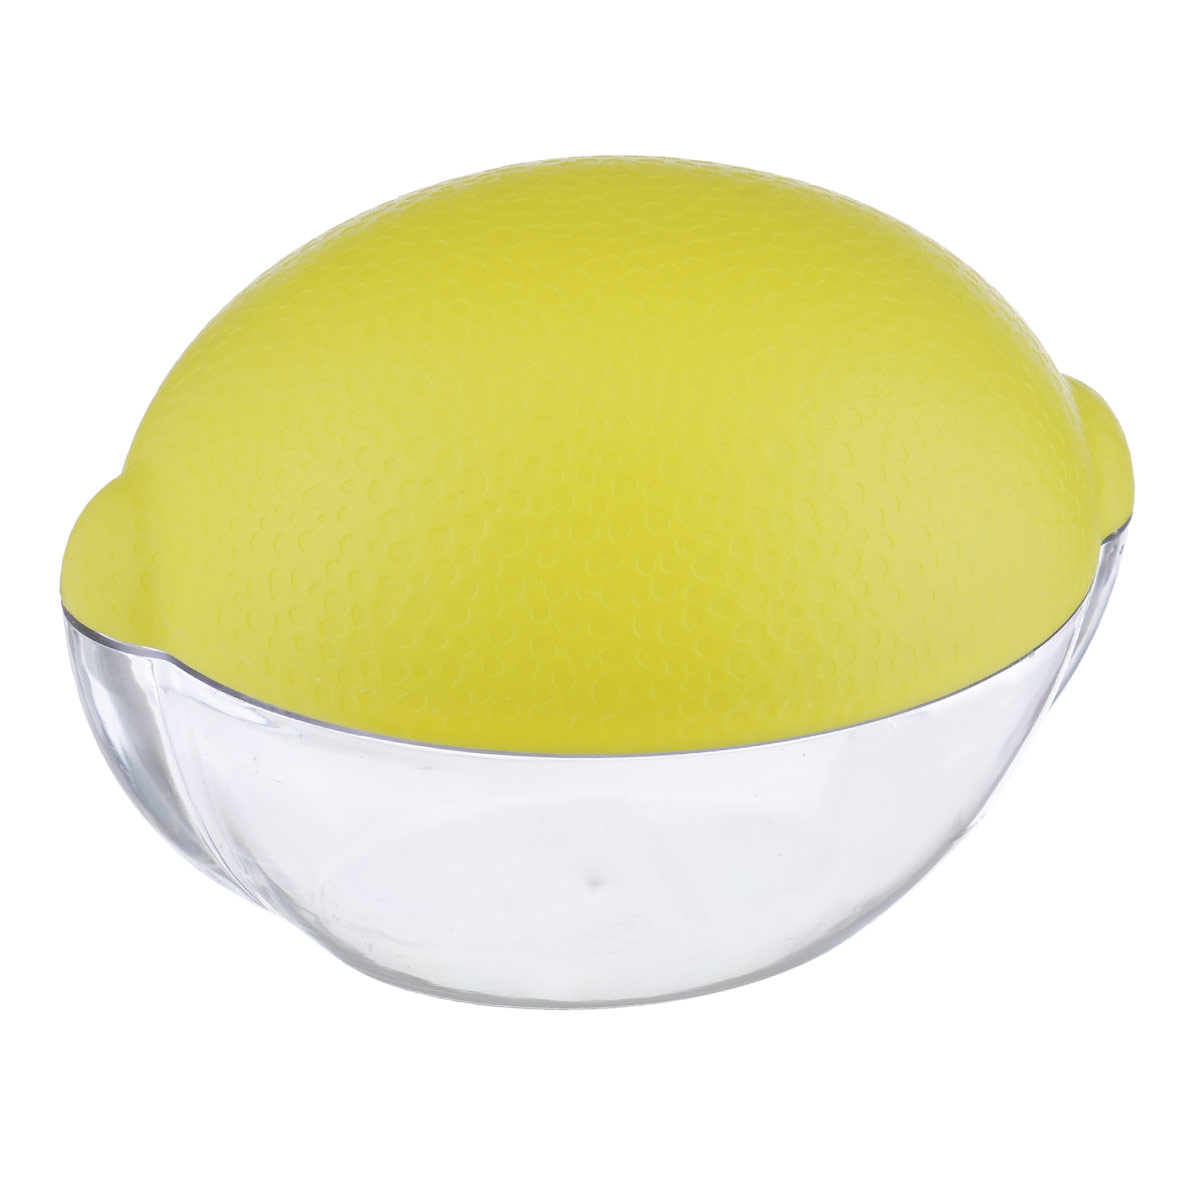 Контейнер для лимона Phibo, цвет: прозрачный, желтый54 009312Контейнер для лимона Phibo изготовлен из высококачественного прочного полистирола в виде лимона. Такой контейнер - это уникальное полезное приобретение для тех, кто привык к порядку в холодильнике. Такой чехол сохранит вкусовые качества лимона и предохранит его от заветривания.